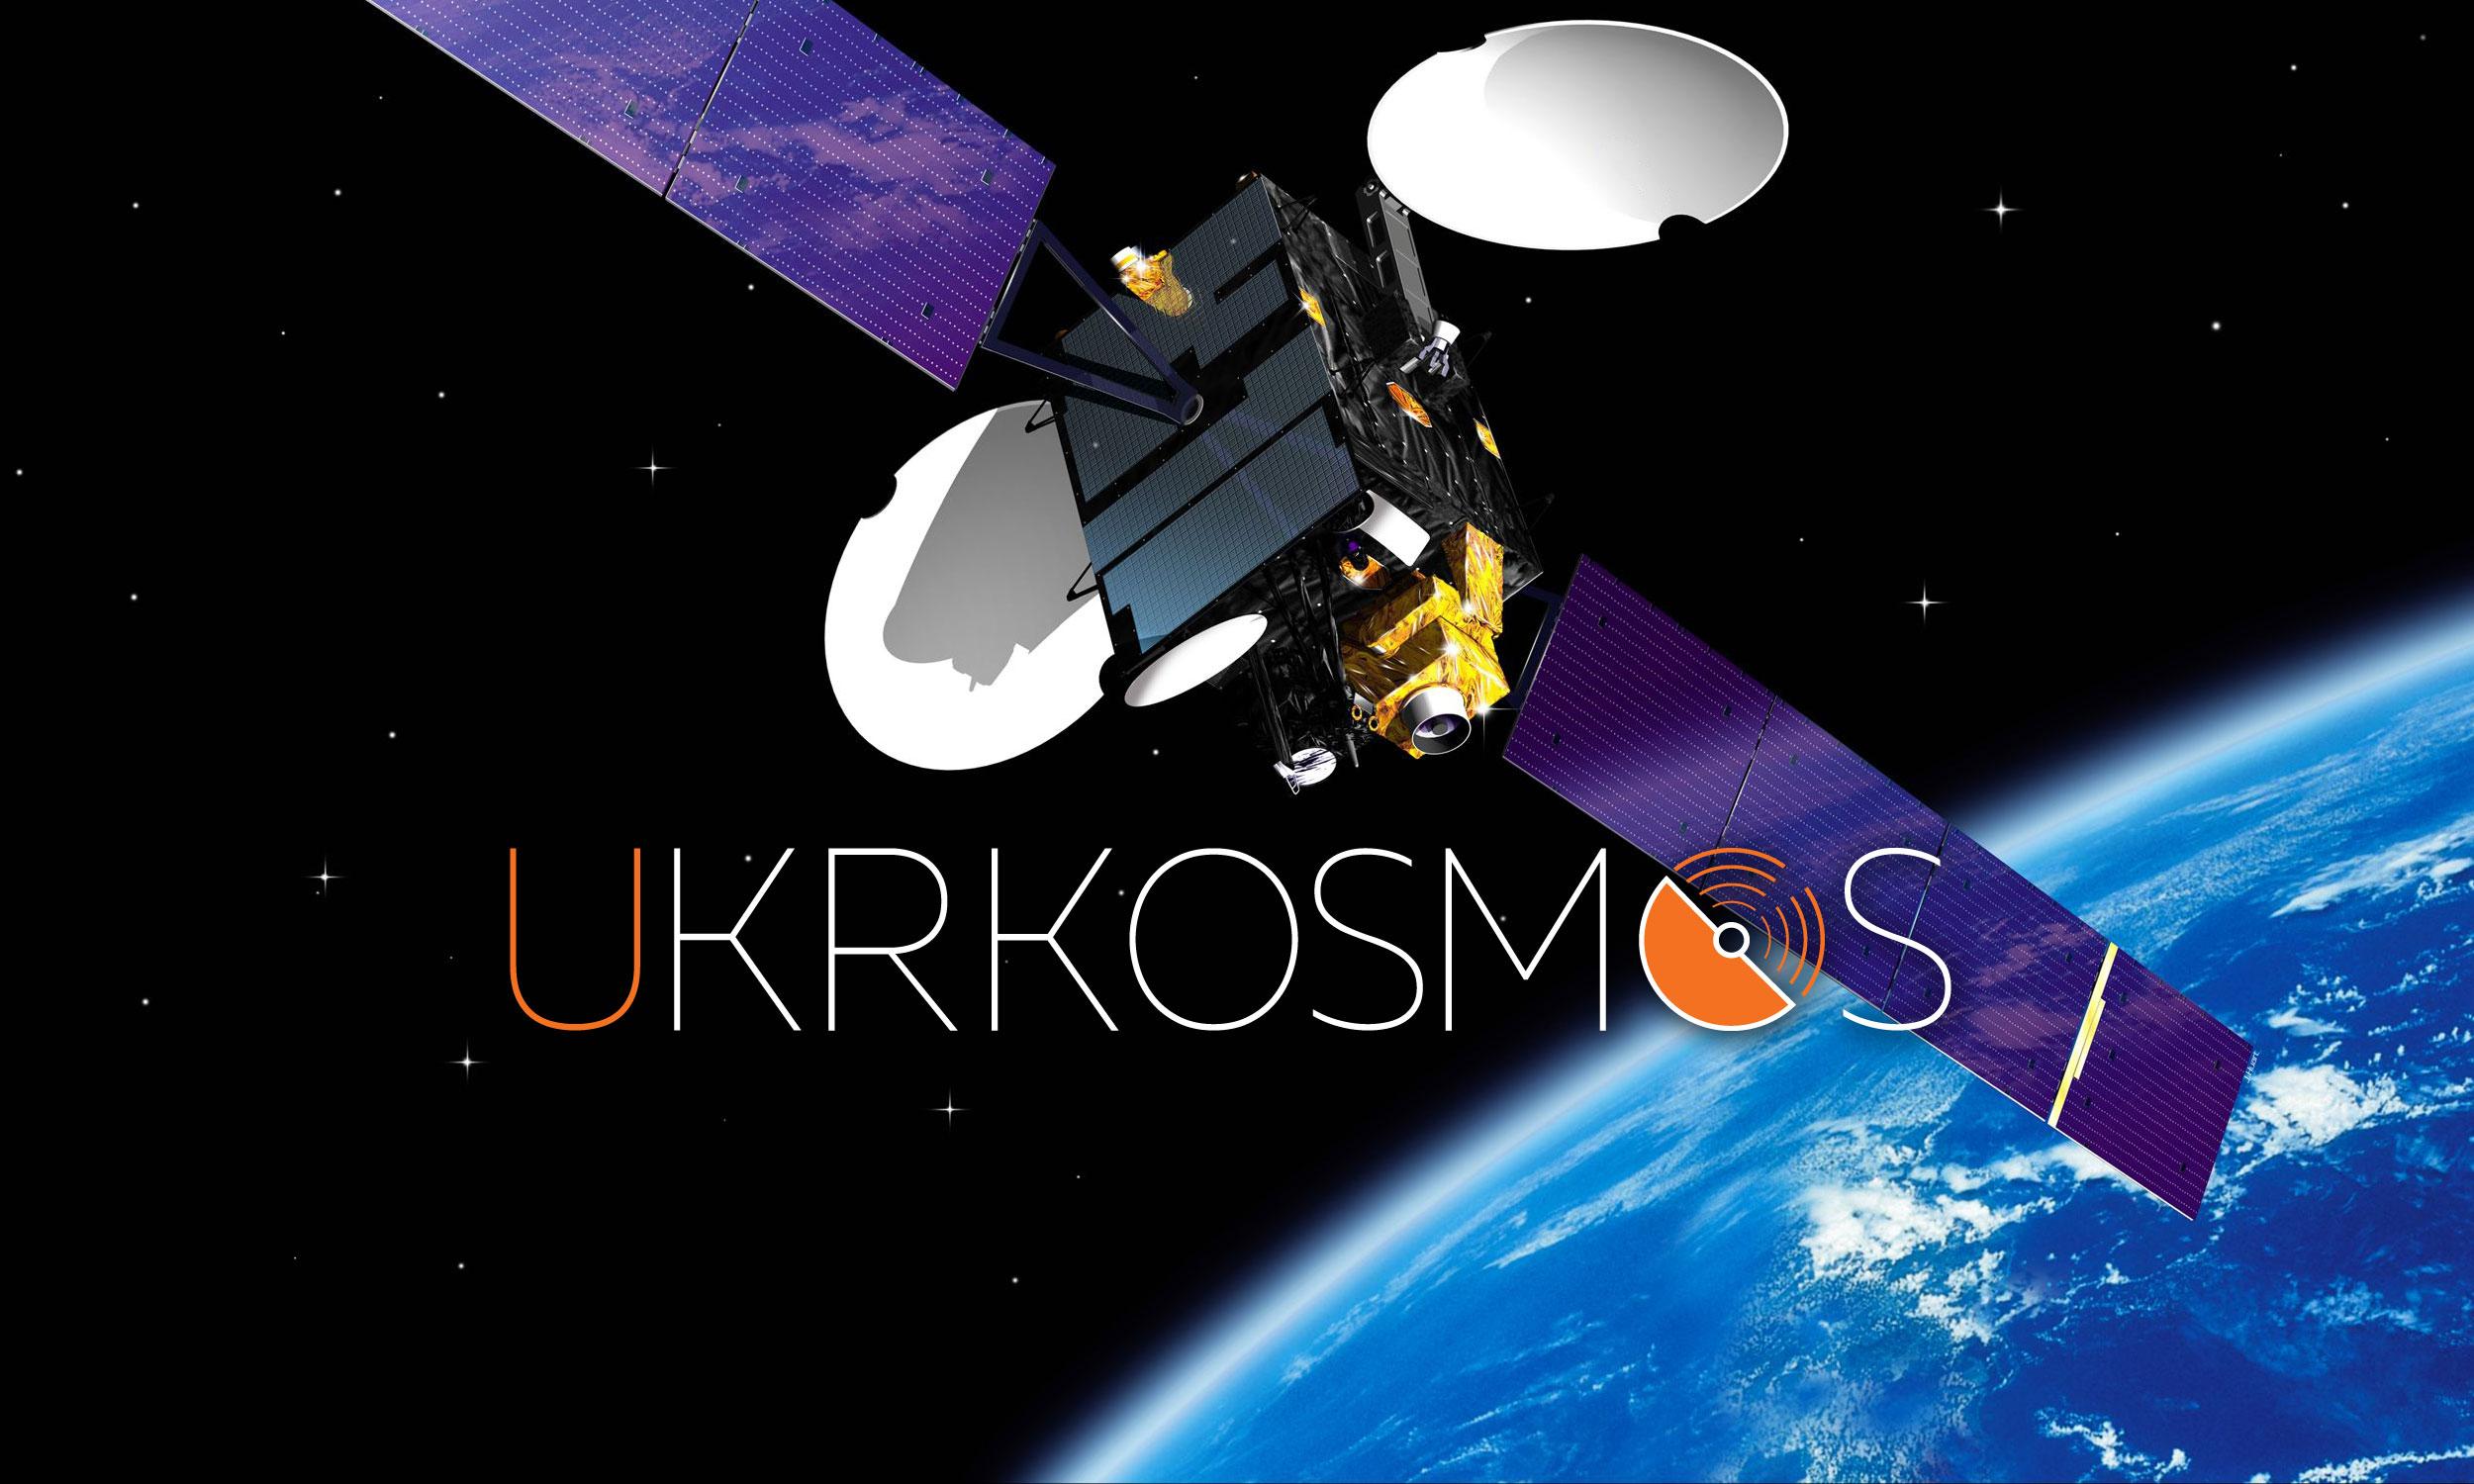 ukrkosmos_02-1